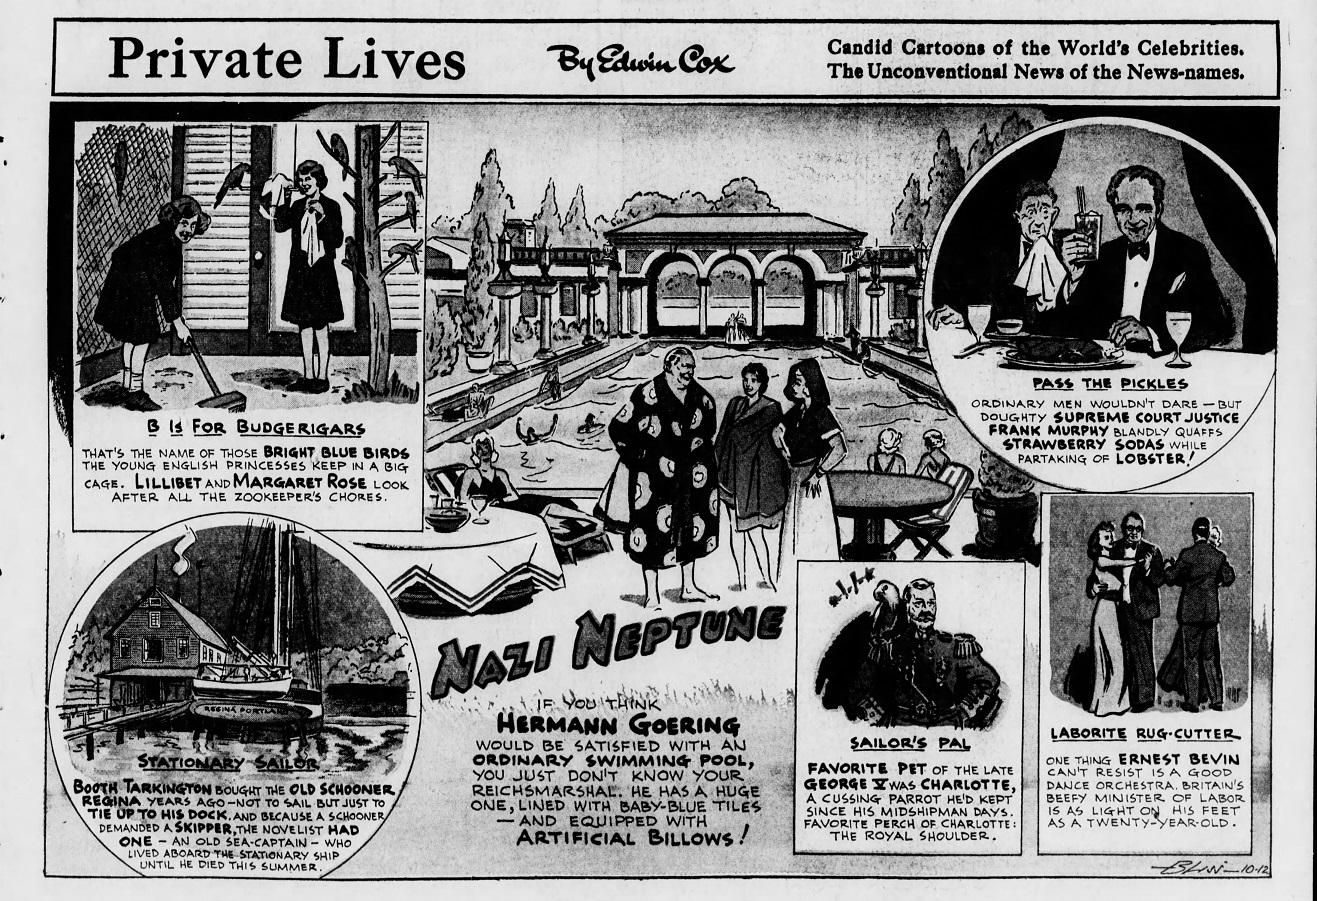 The_Brooklyn_Daily_Eagle_Sun__Oct_12__1941_(6).jpg